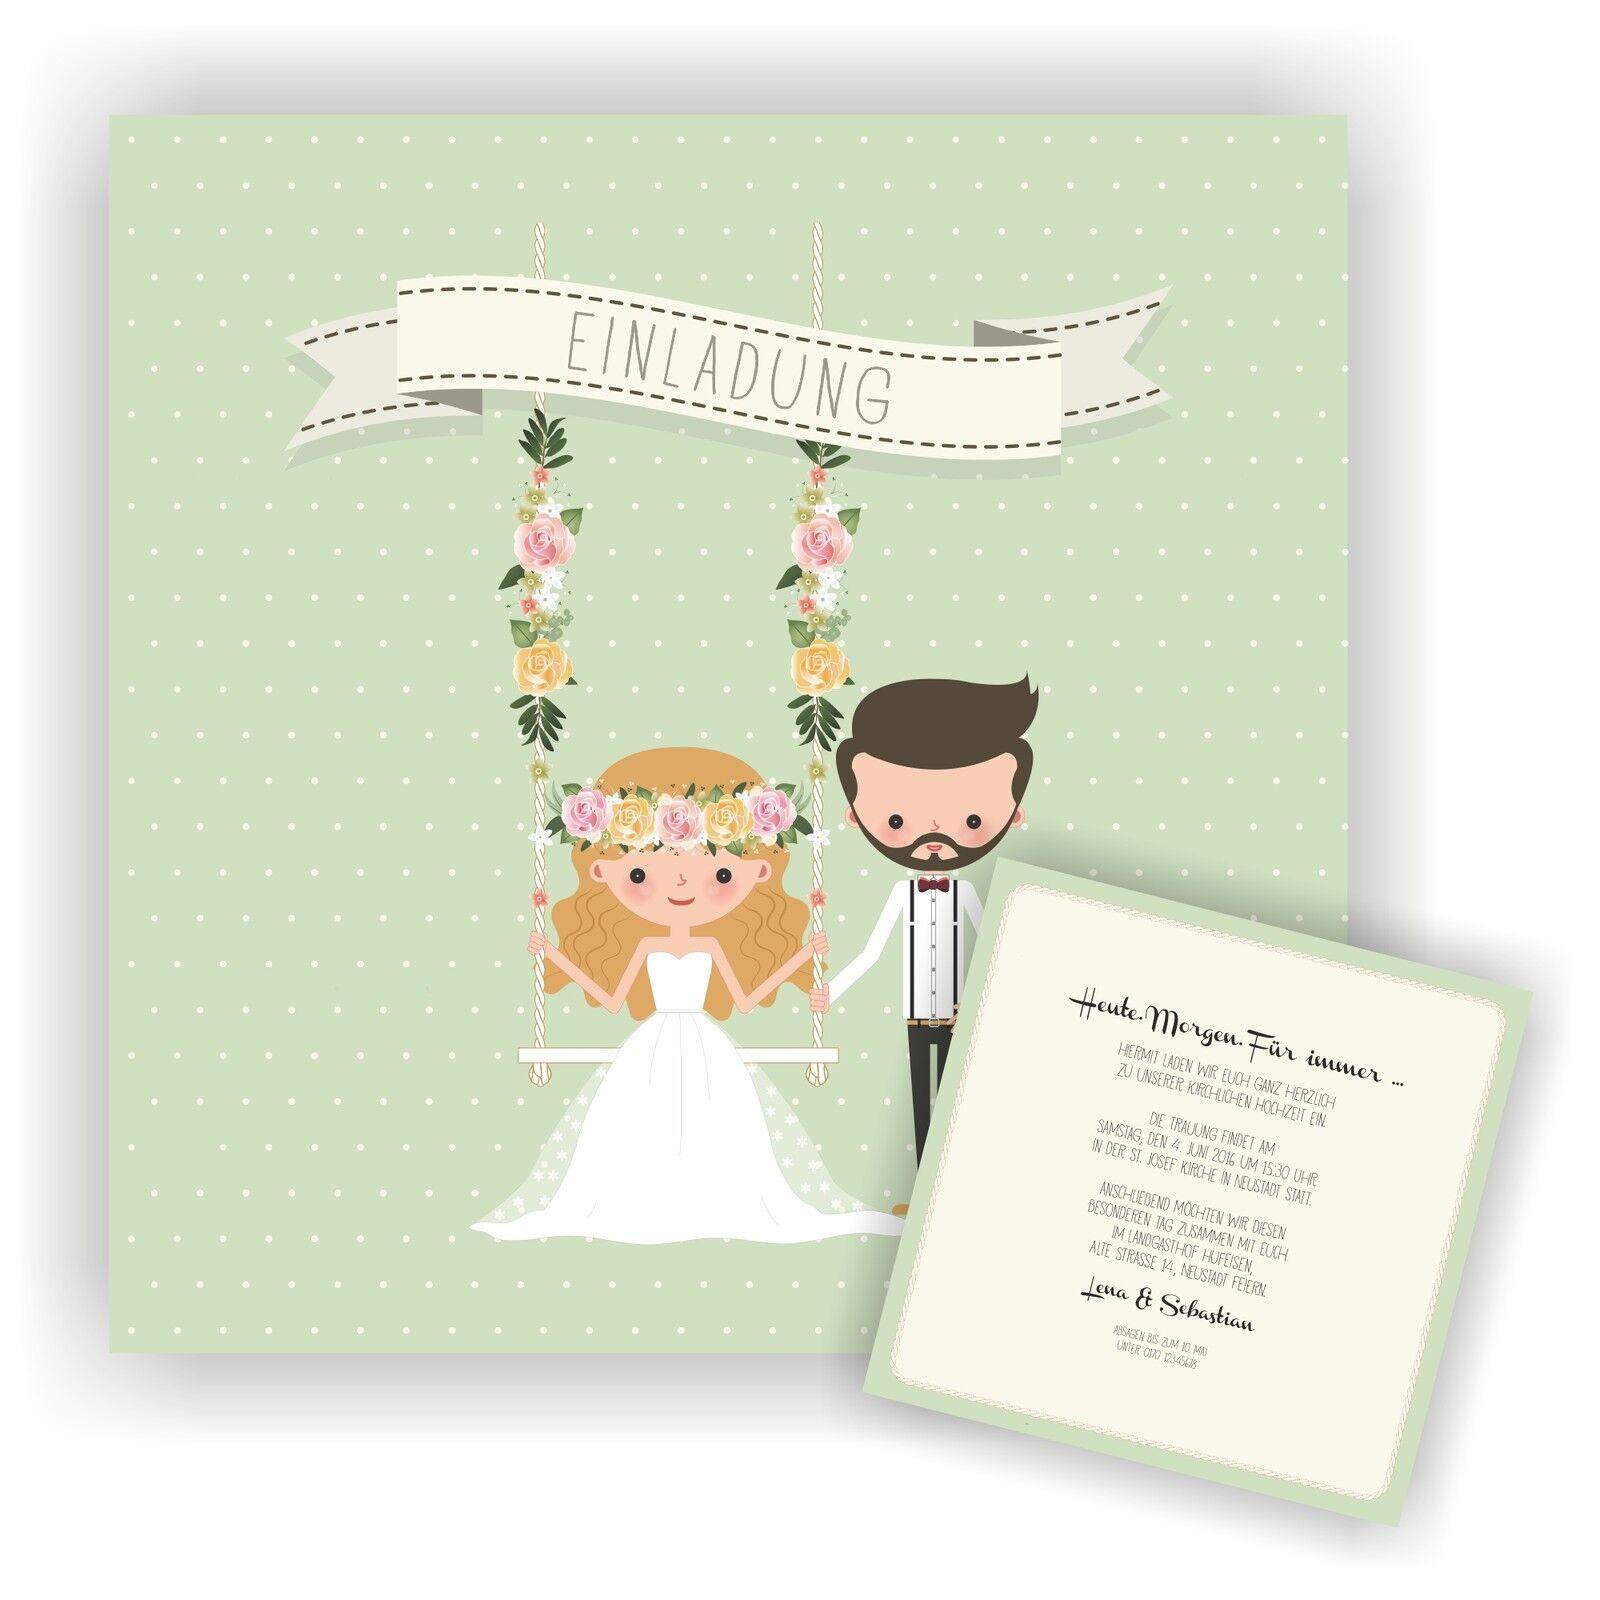 Einladung zur Hochzeit Einladungskarte Hochzeitseinladung Wedding HO22 | Ausgezeichnete Leistung  | Passend In Der Farbe